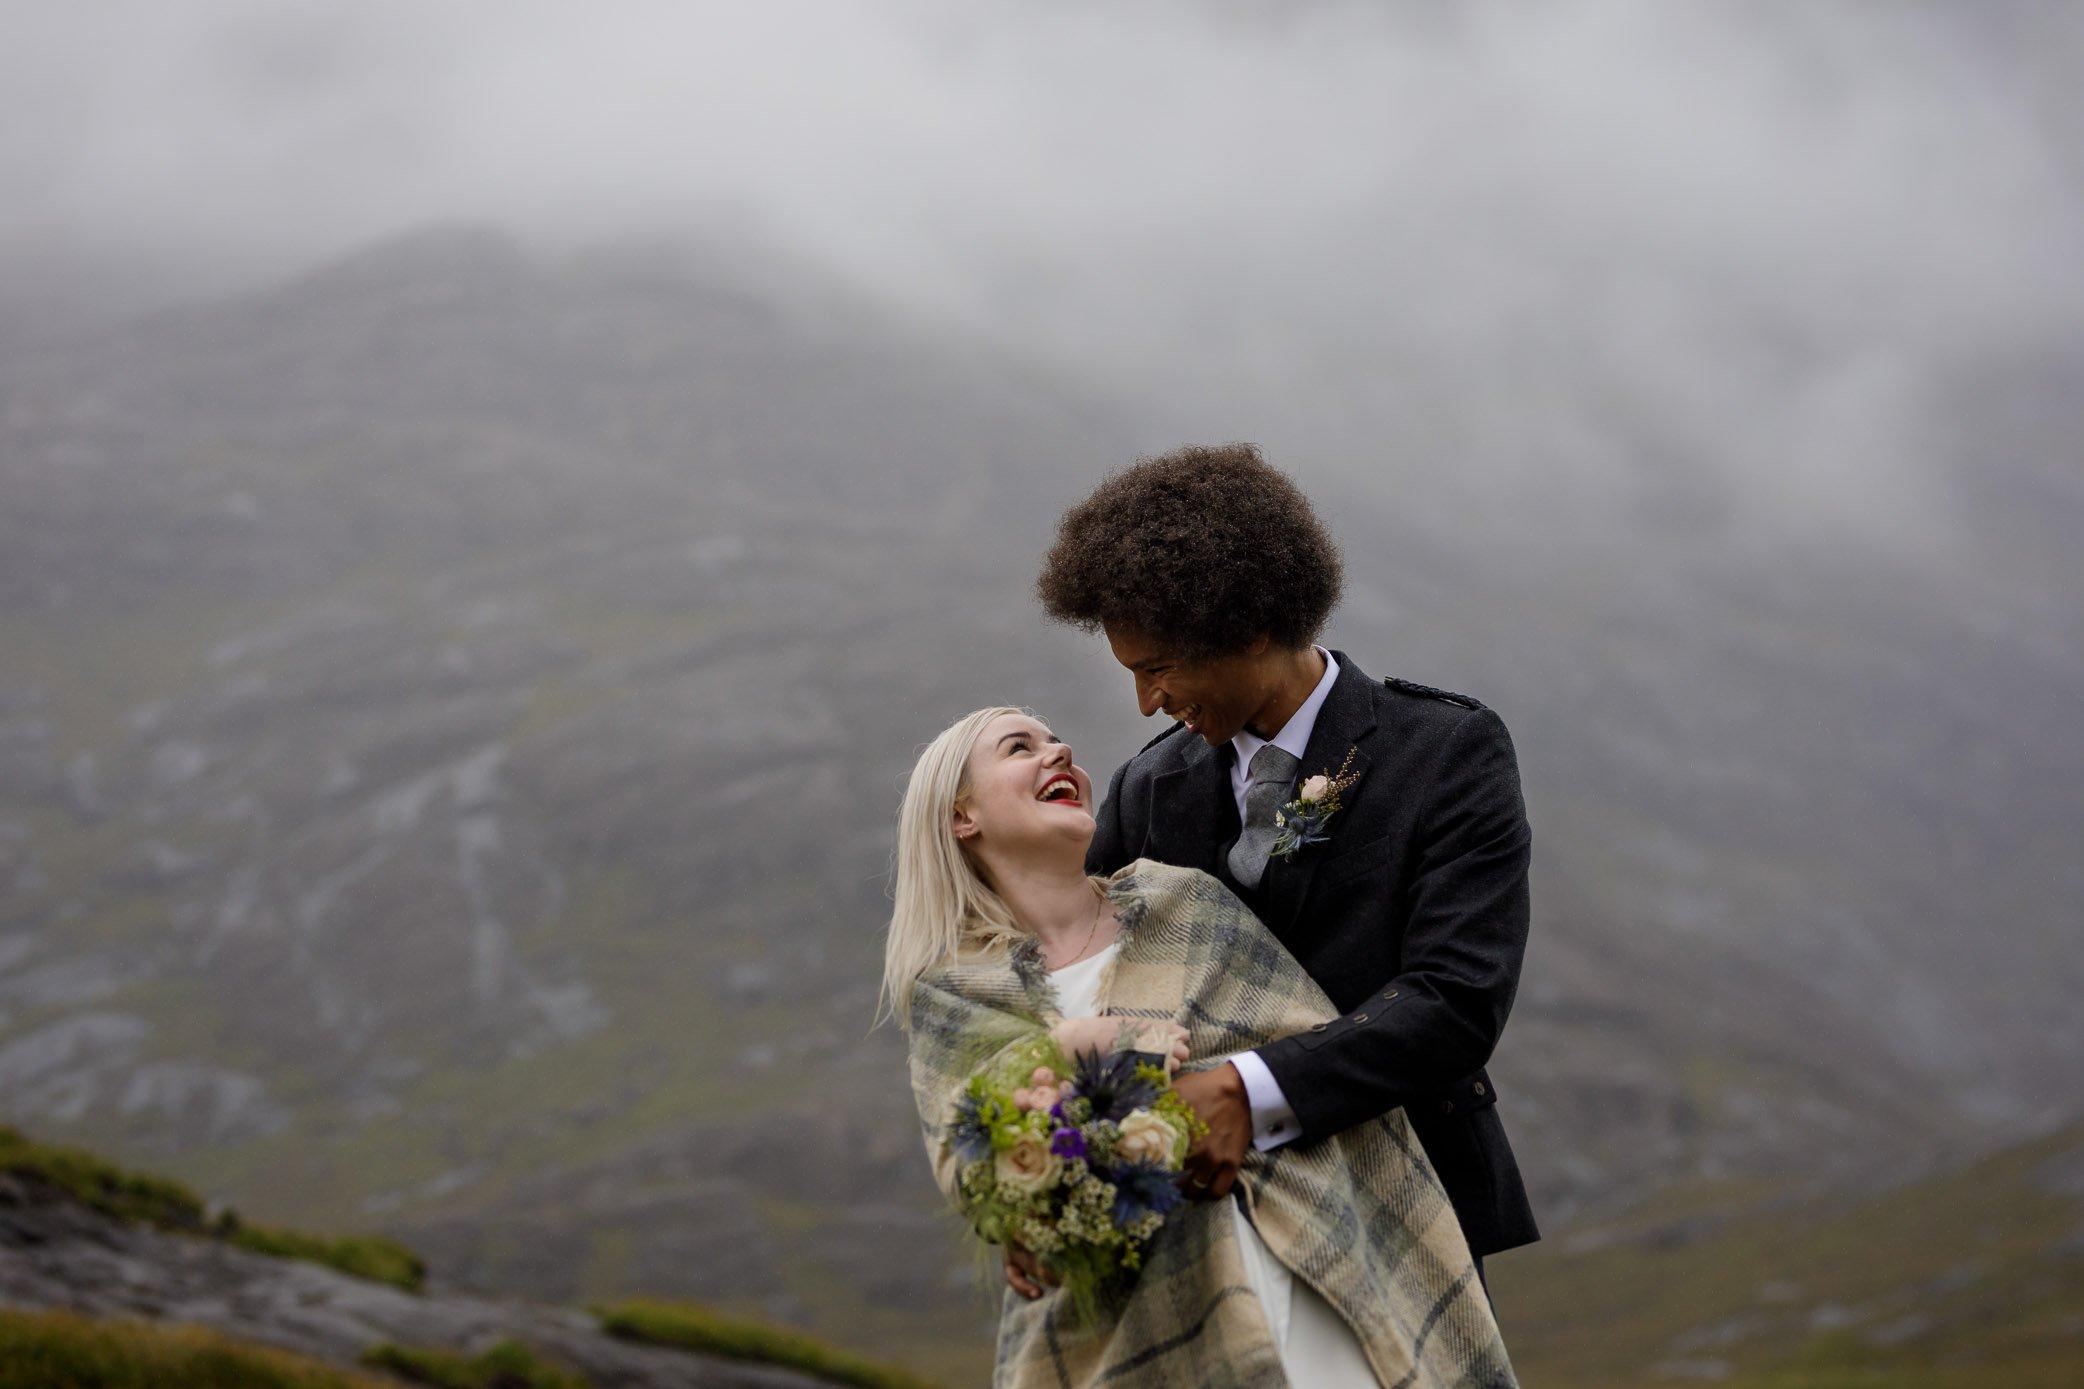 Wedding couple in misty landscape